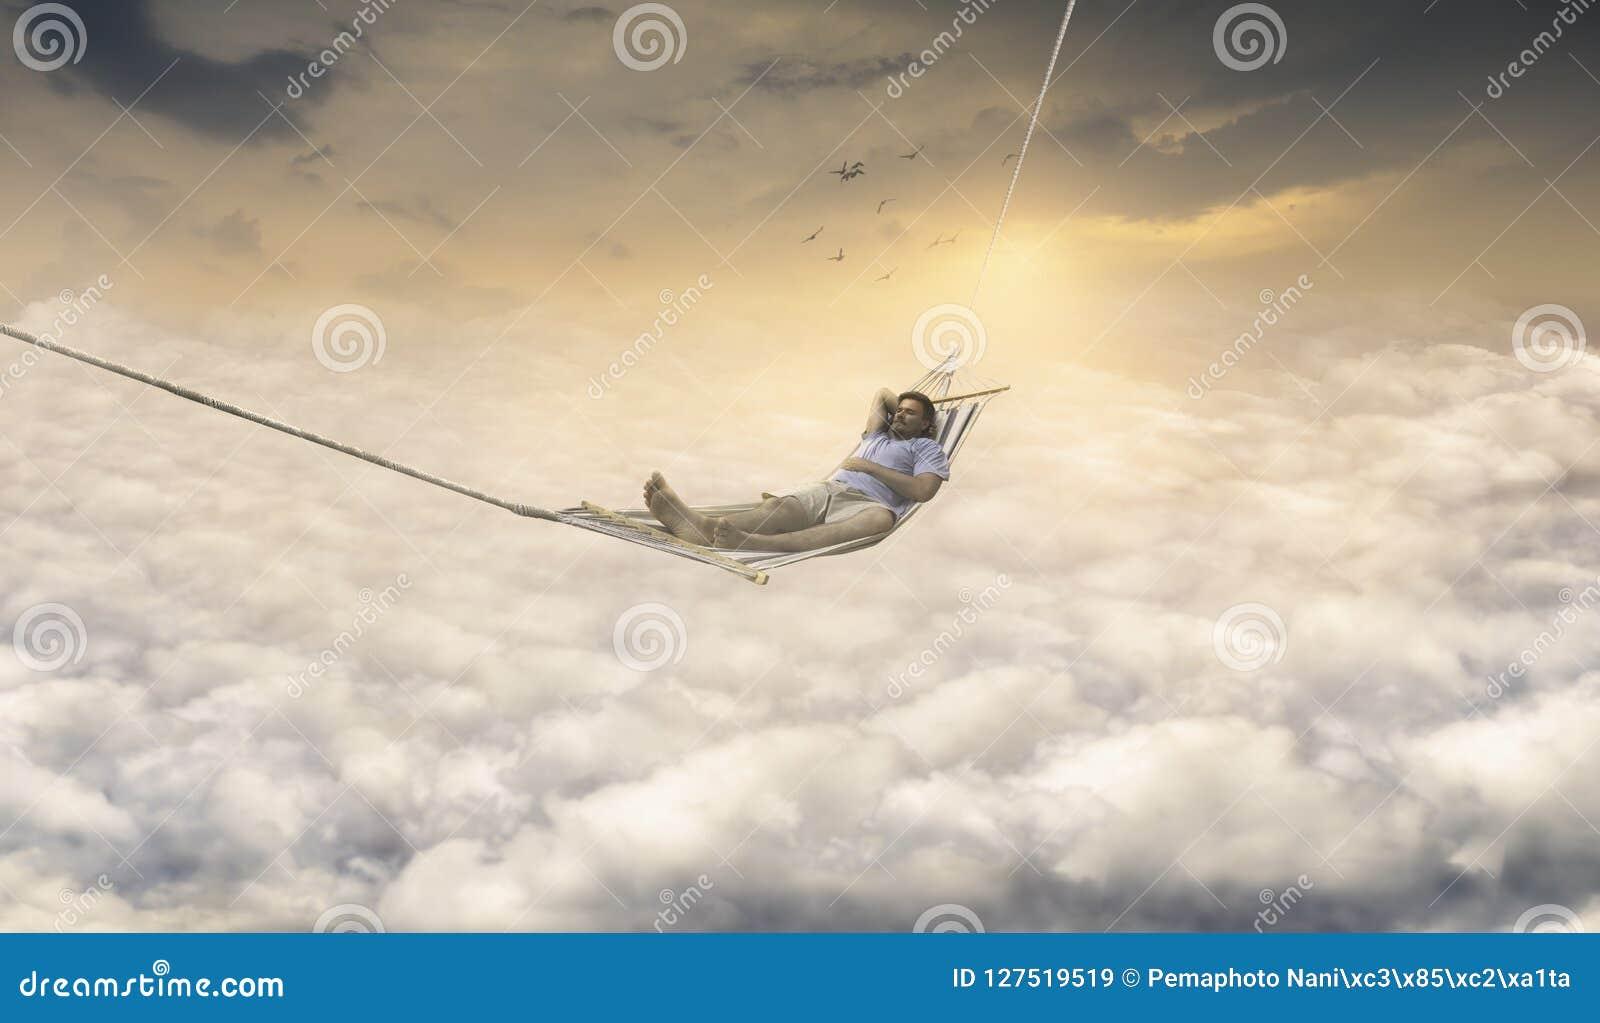 Mężczyzna Marzy w Kołysać sieć Nad niebo